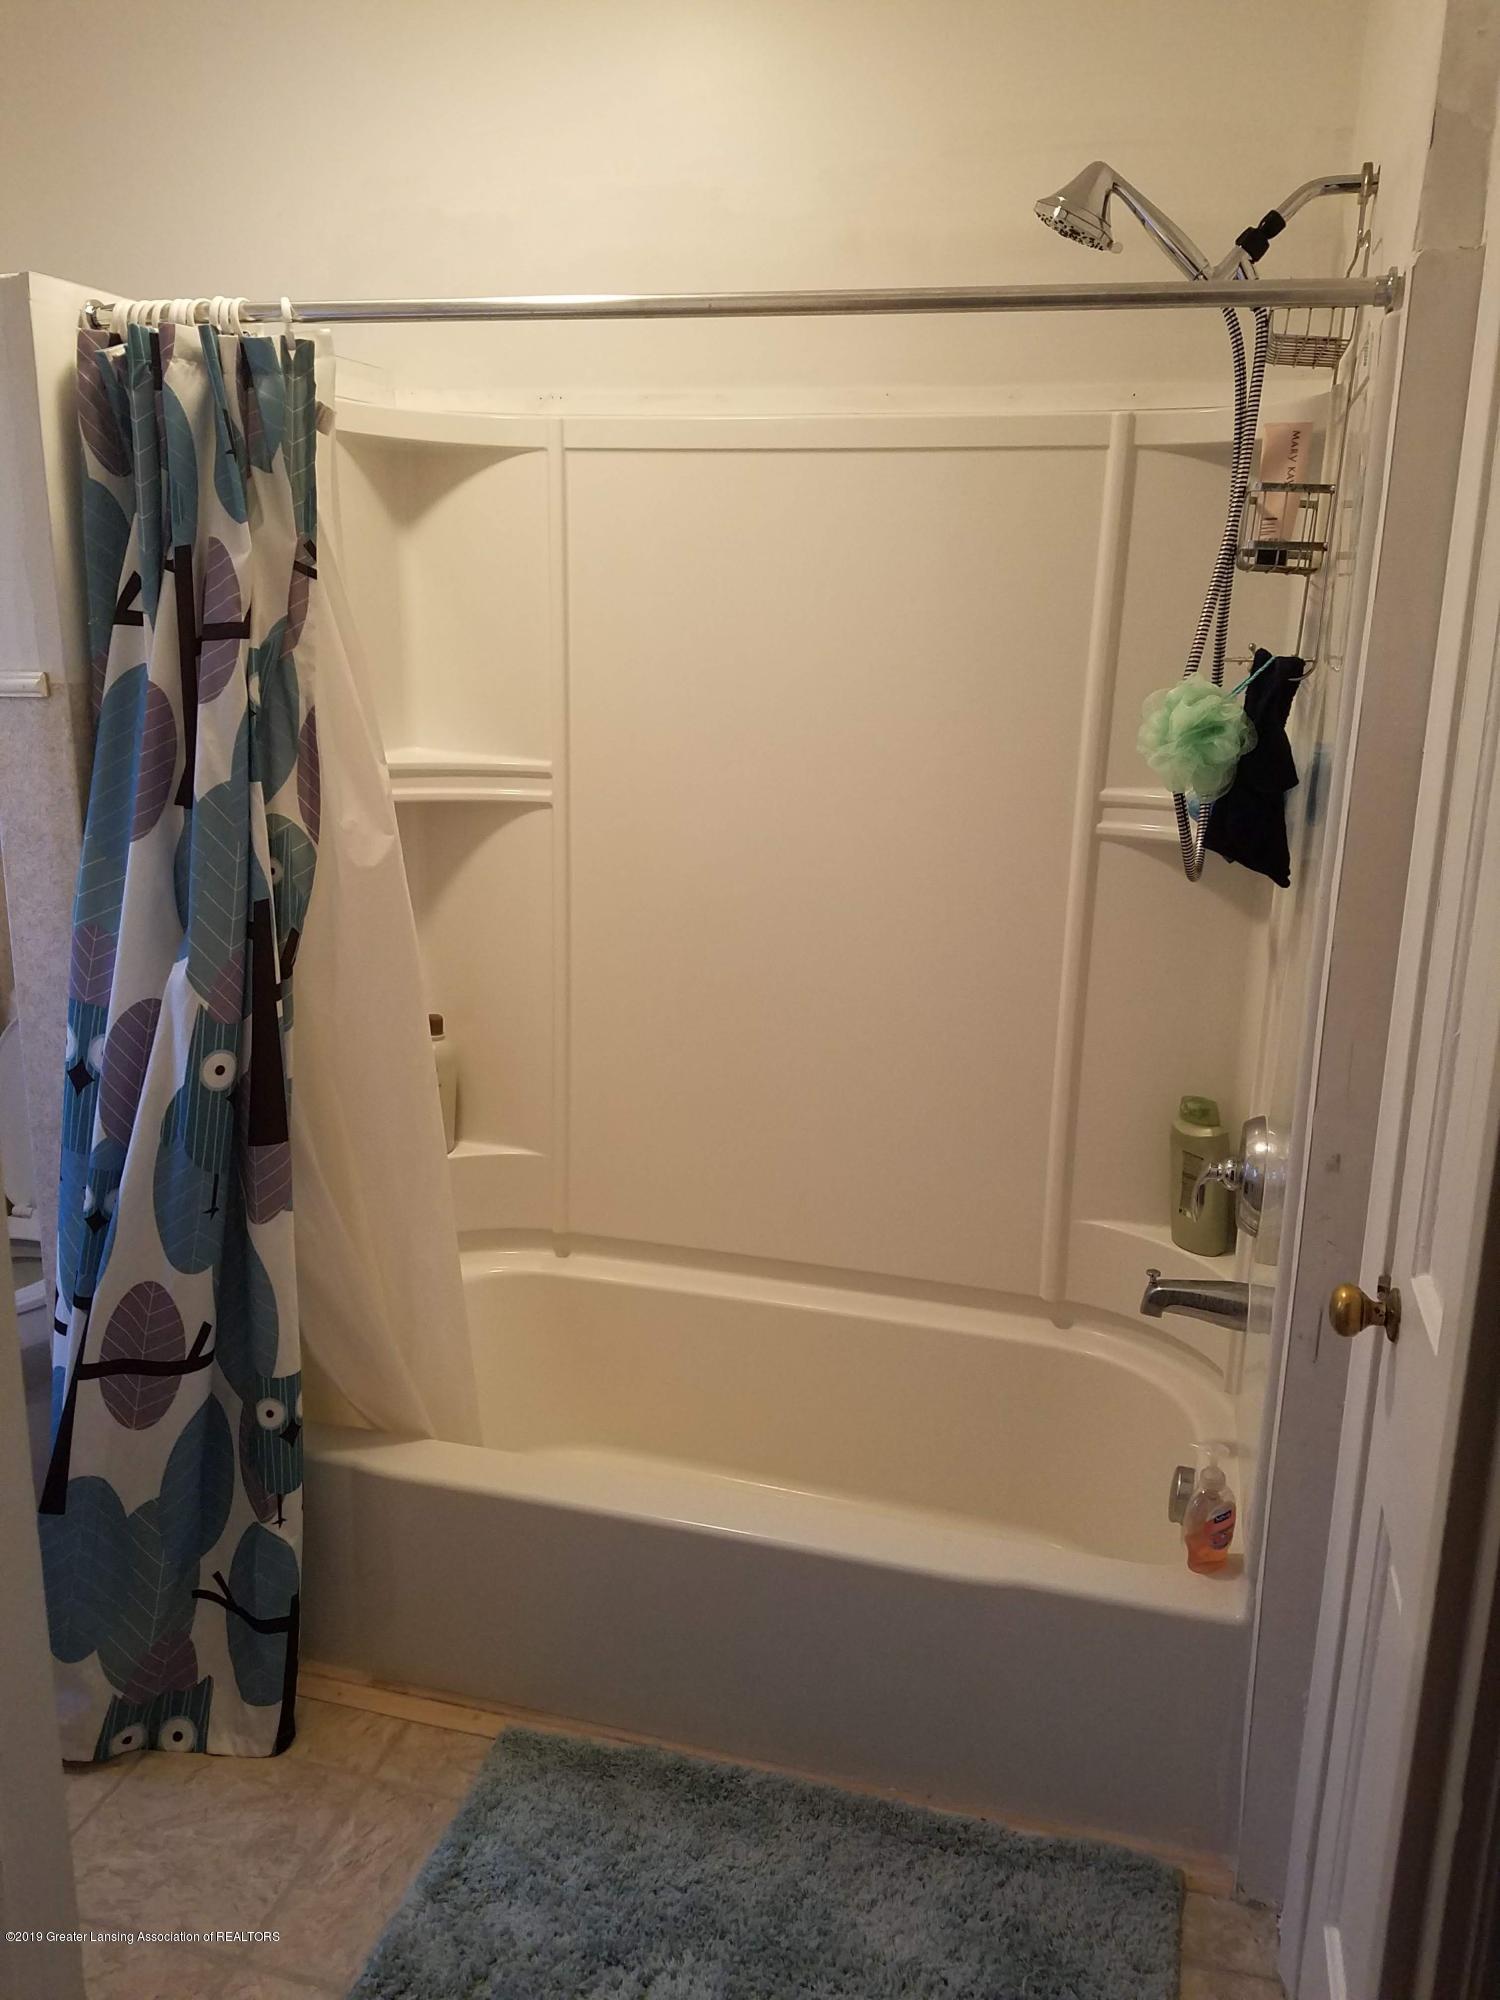 2810 E Saginaw St - Main Bathroom - 5